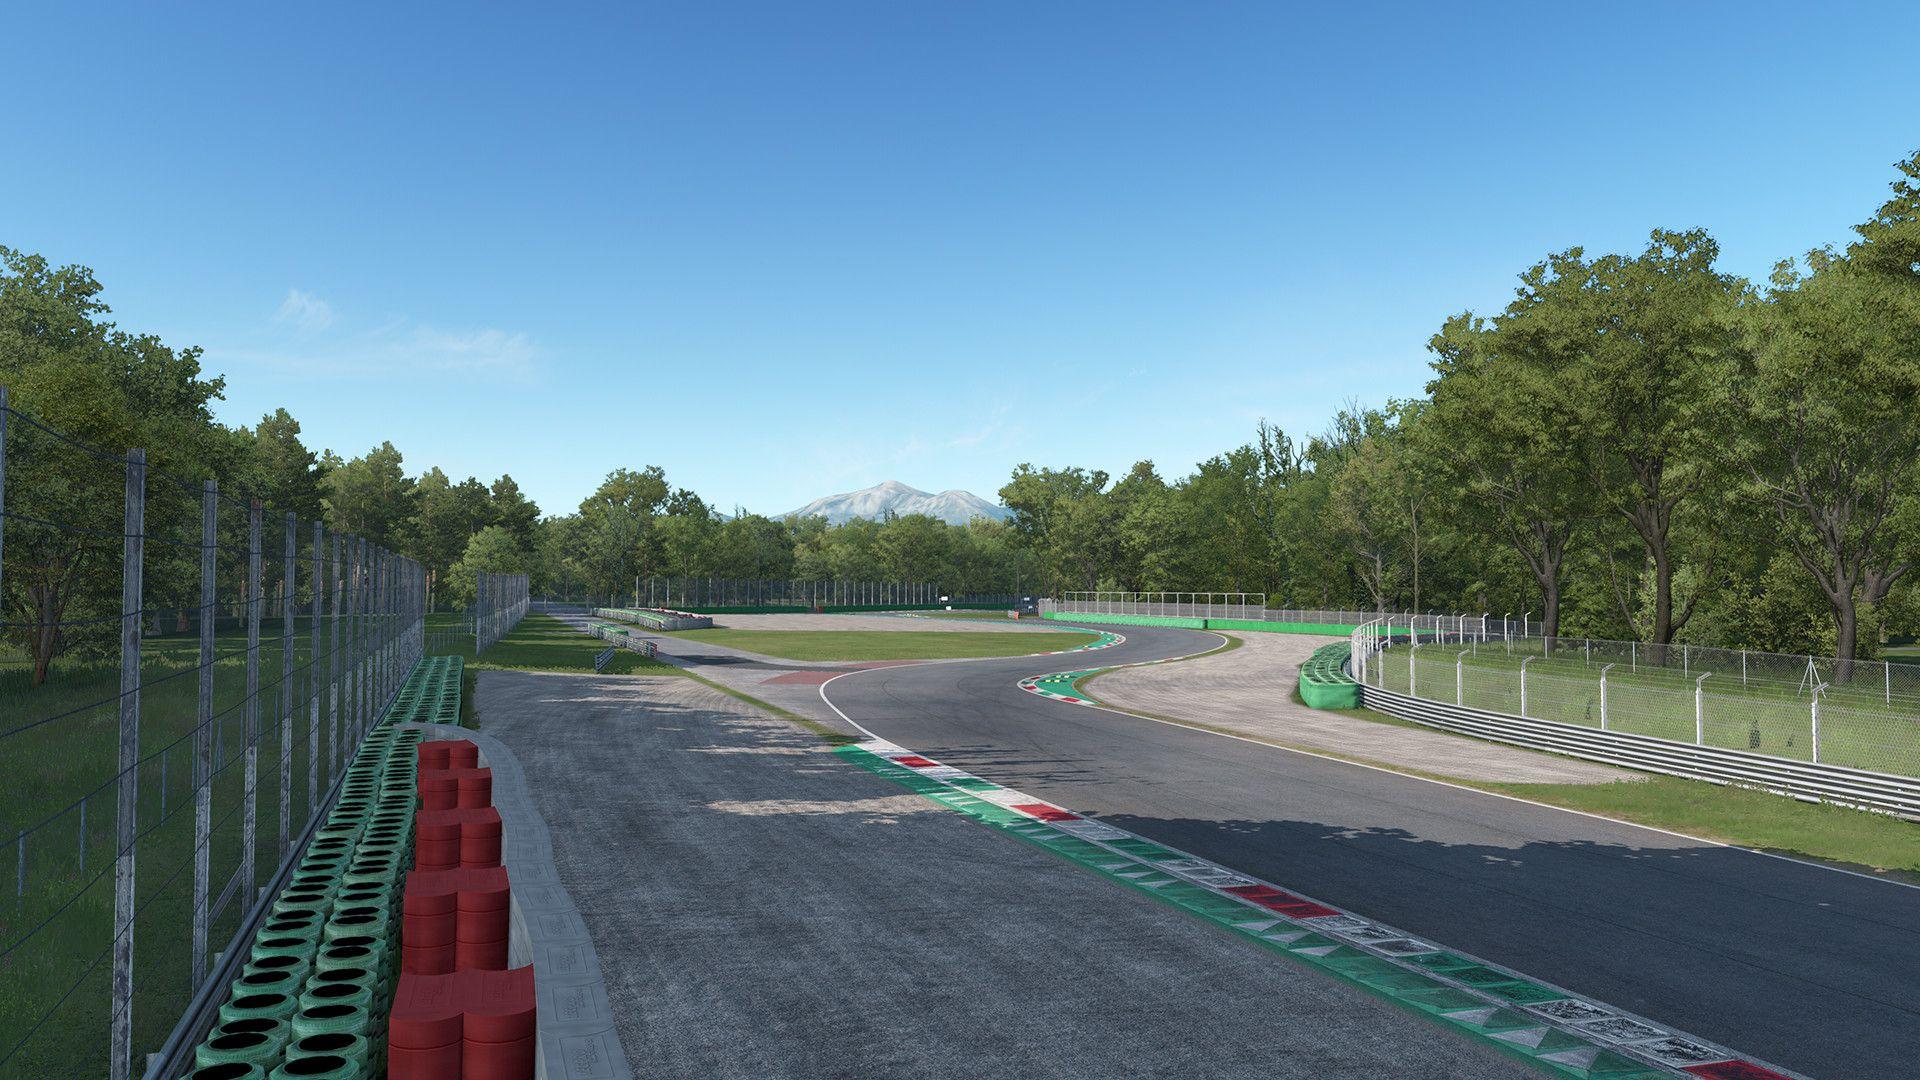 Automobilista 2 - Monza Pack